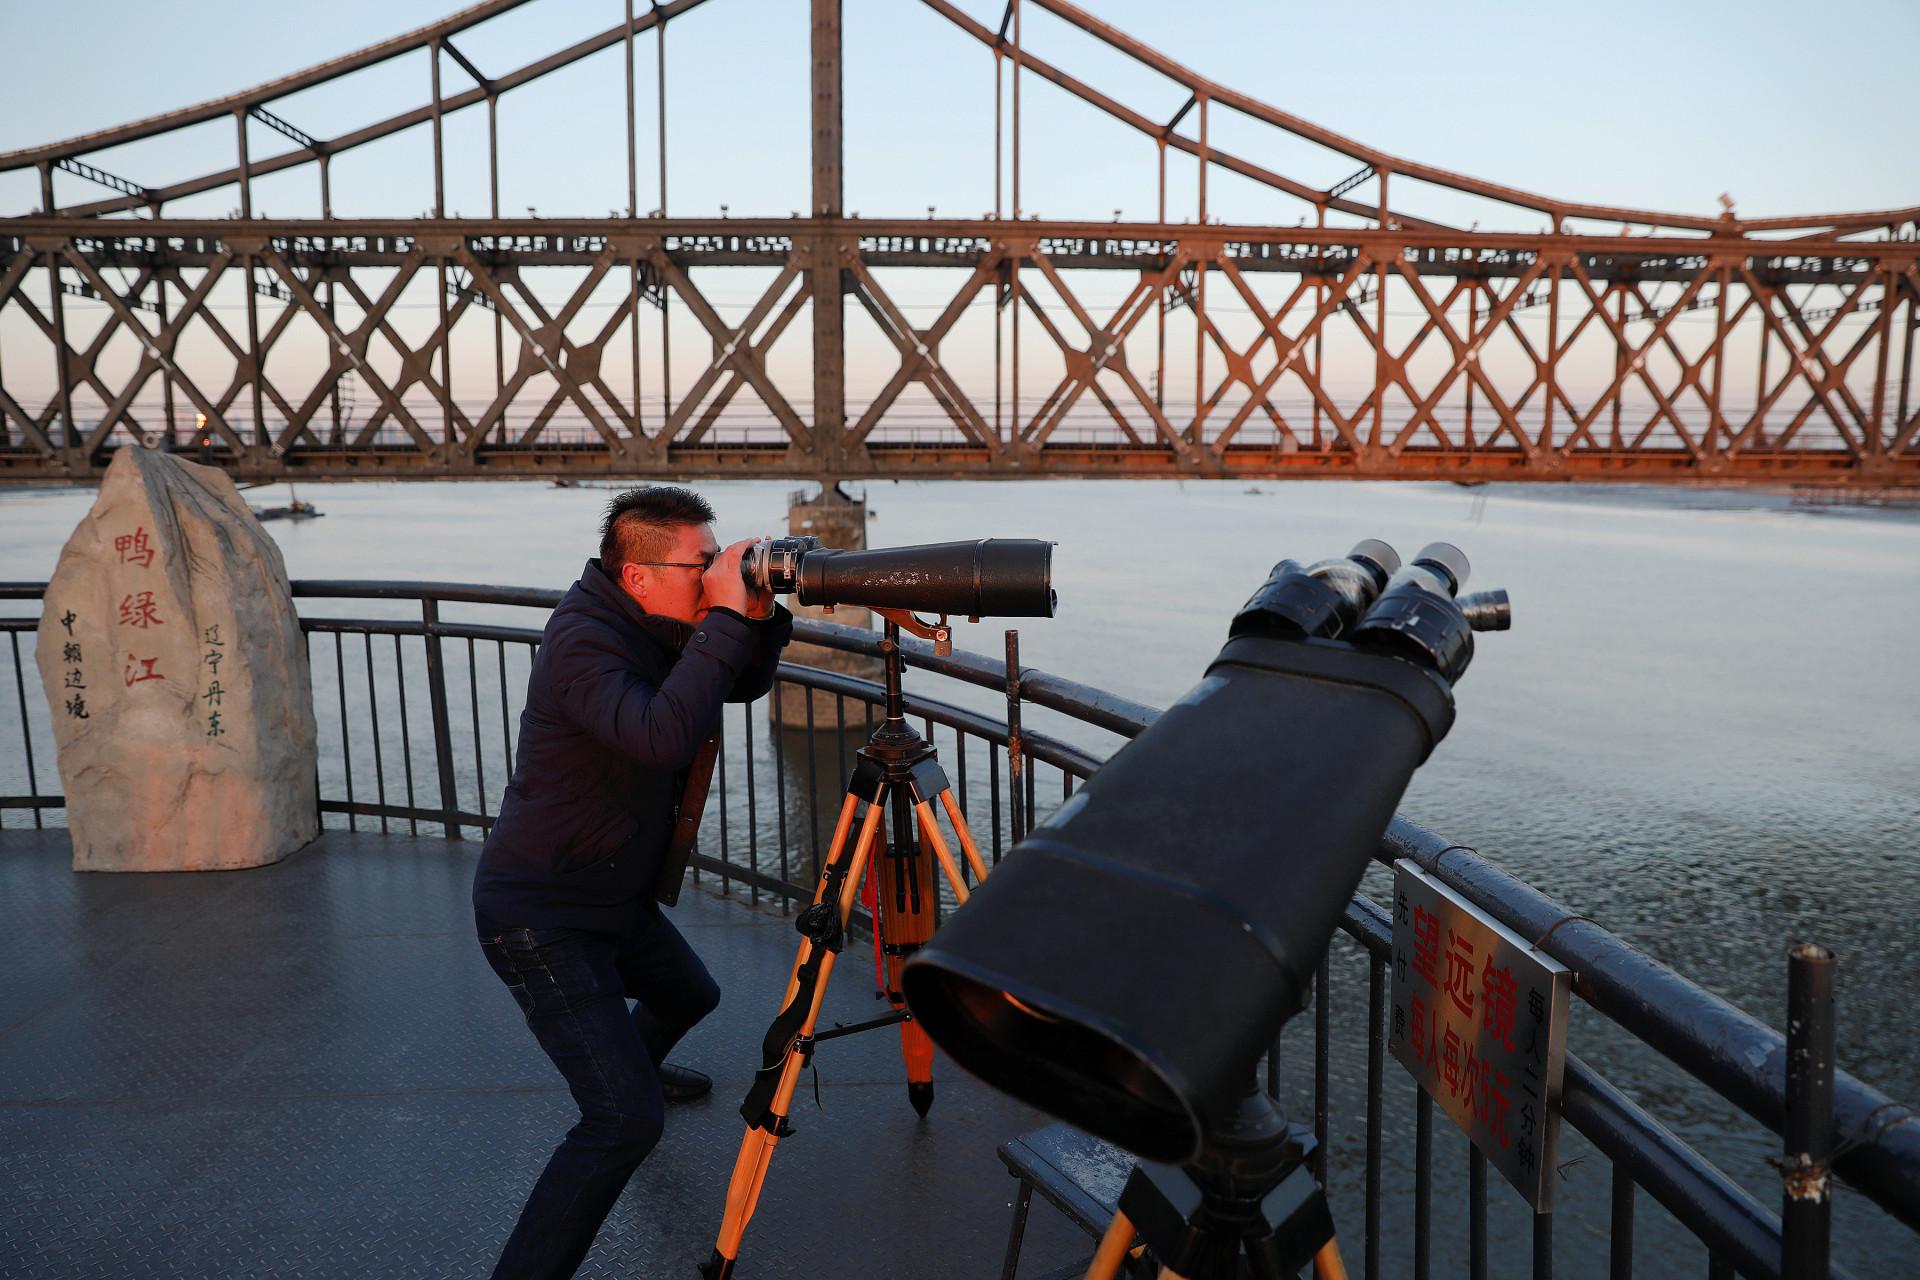 A incrível visão de um fotógrafo sobre o dia a dia na Coreia do Norte